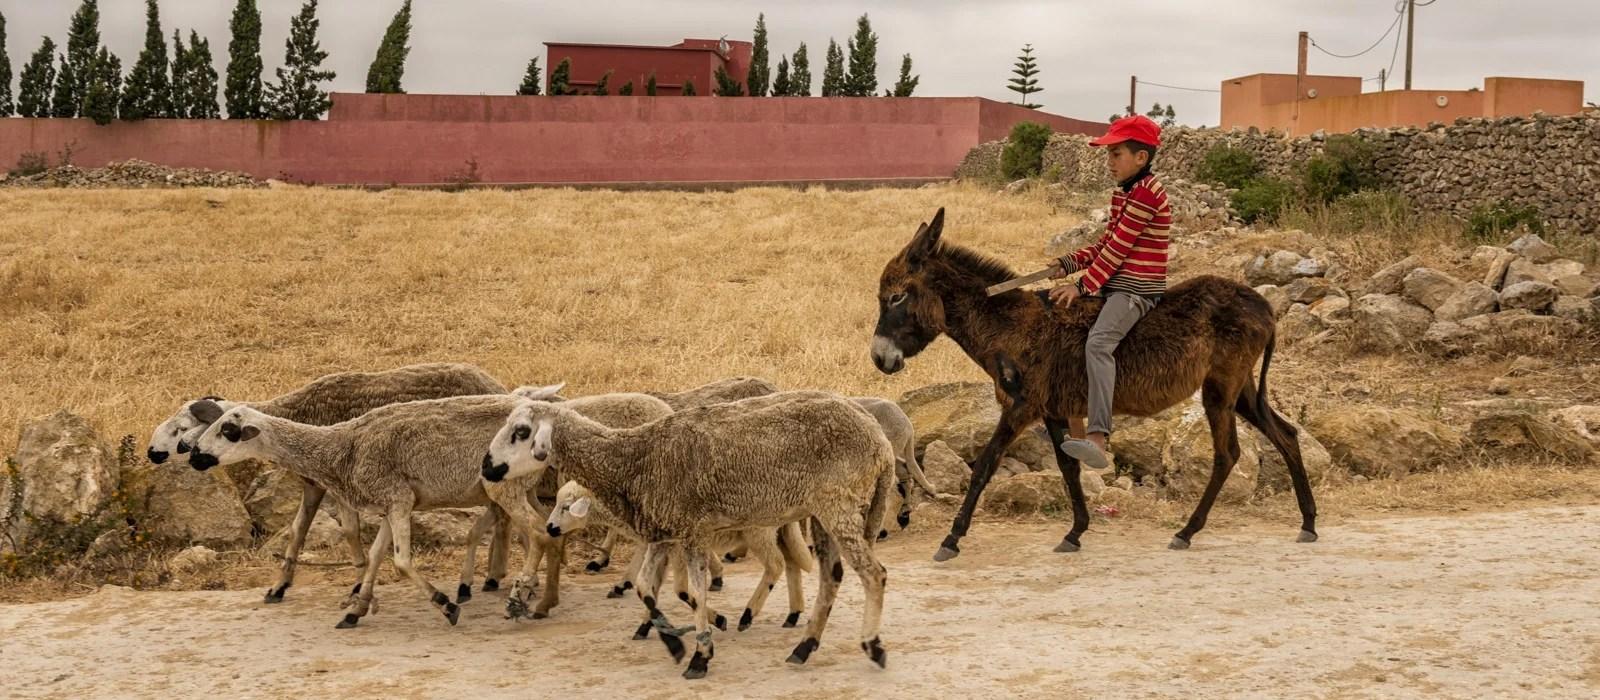 Jeune marocain sur son âne à Oualidia au Maroc - Les Routes du Monde